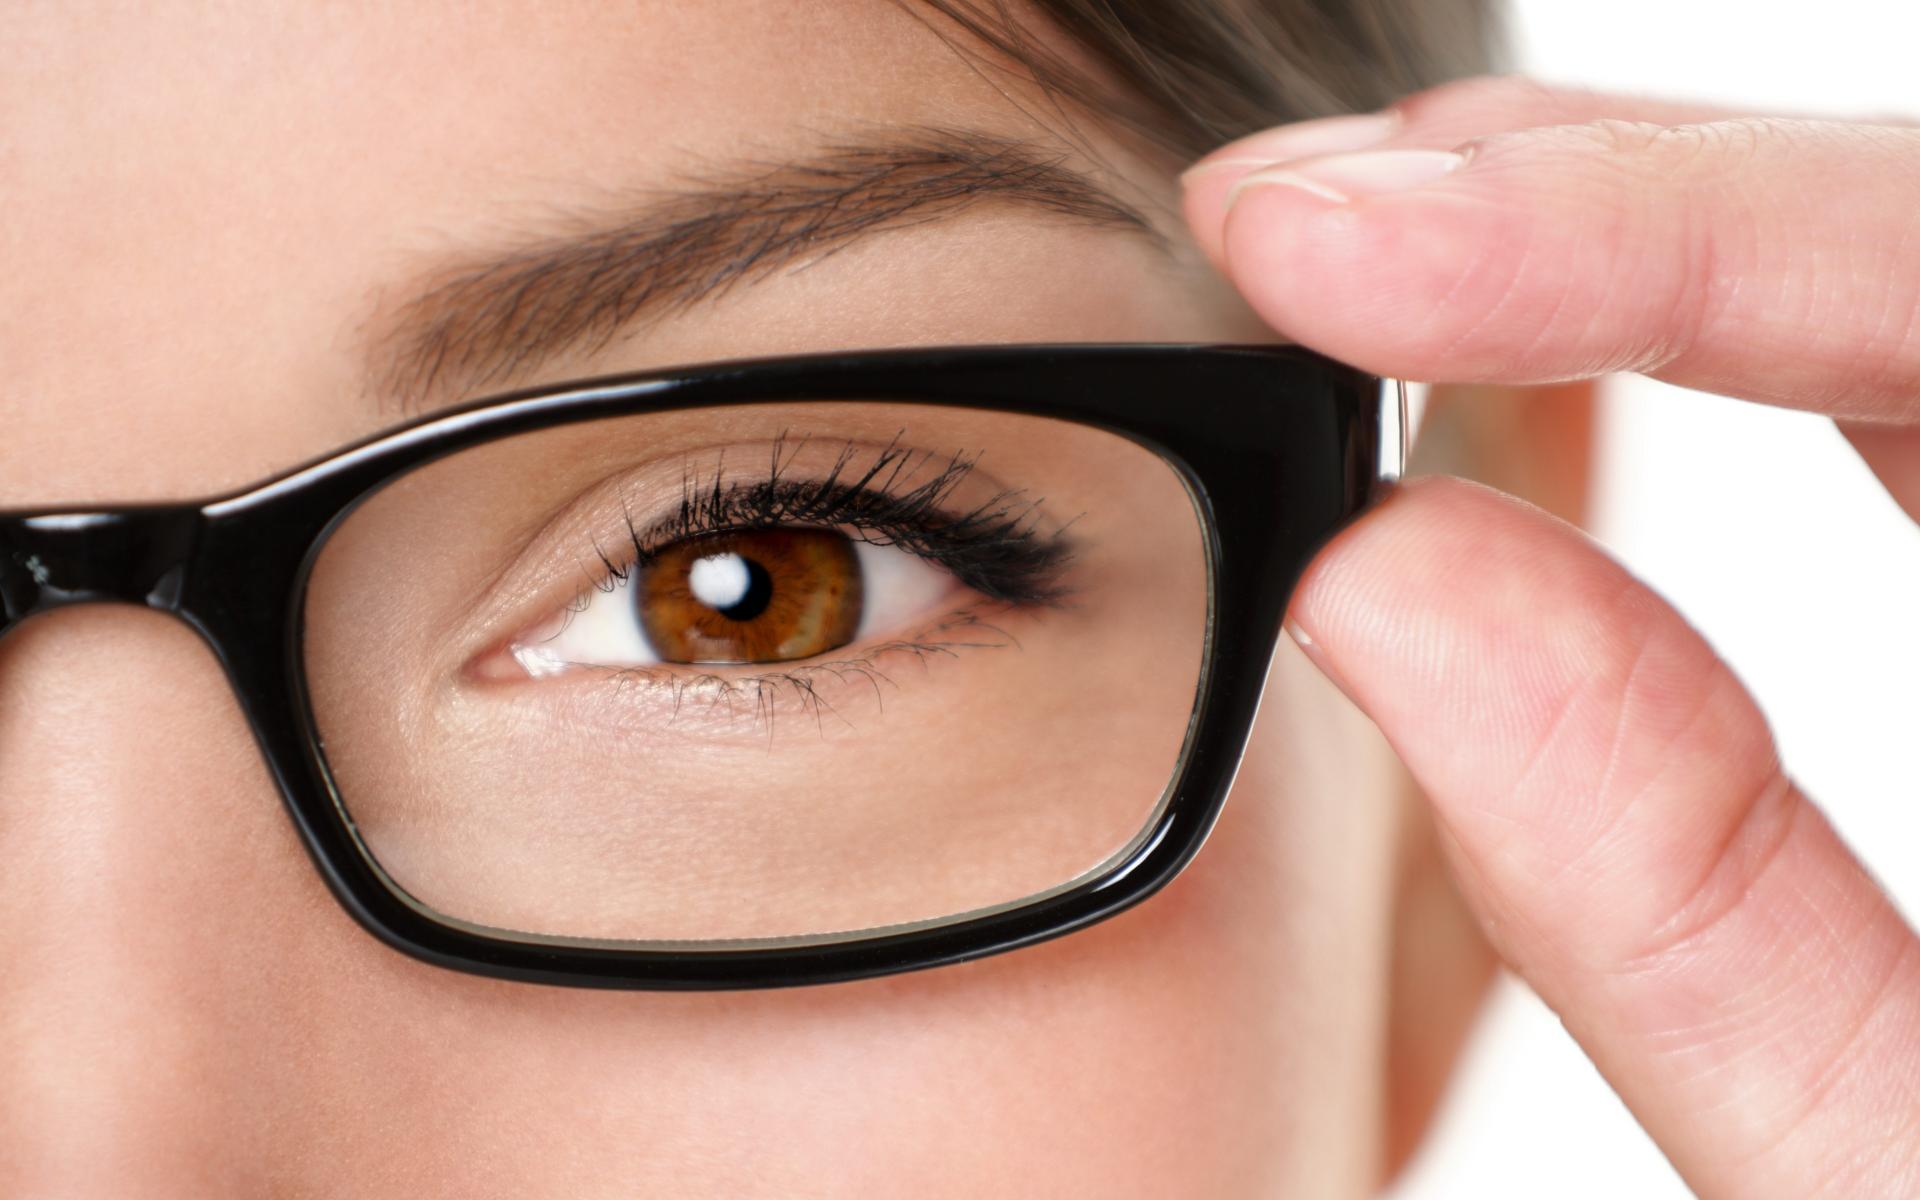 Ангиопатия сетчатки глаза: причины, симптомы, лечение и другие особенности